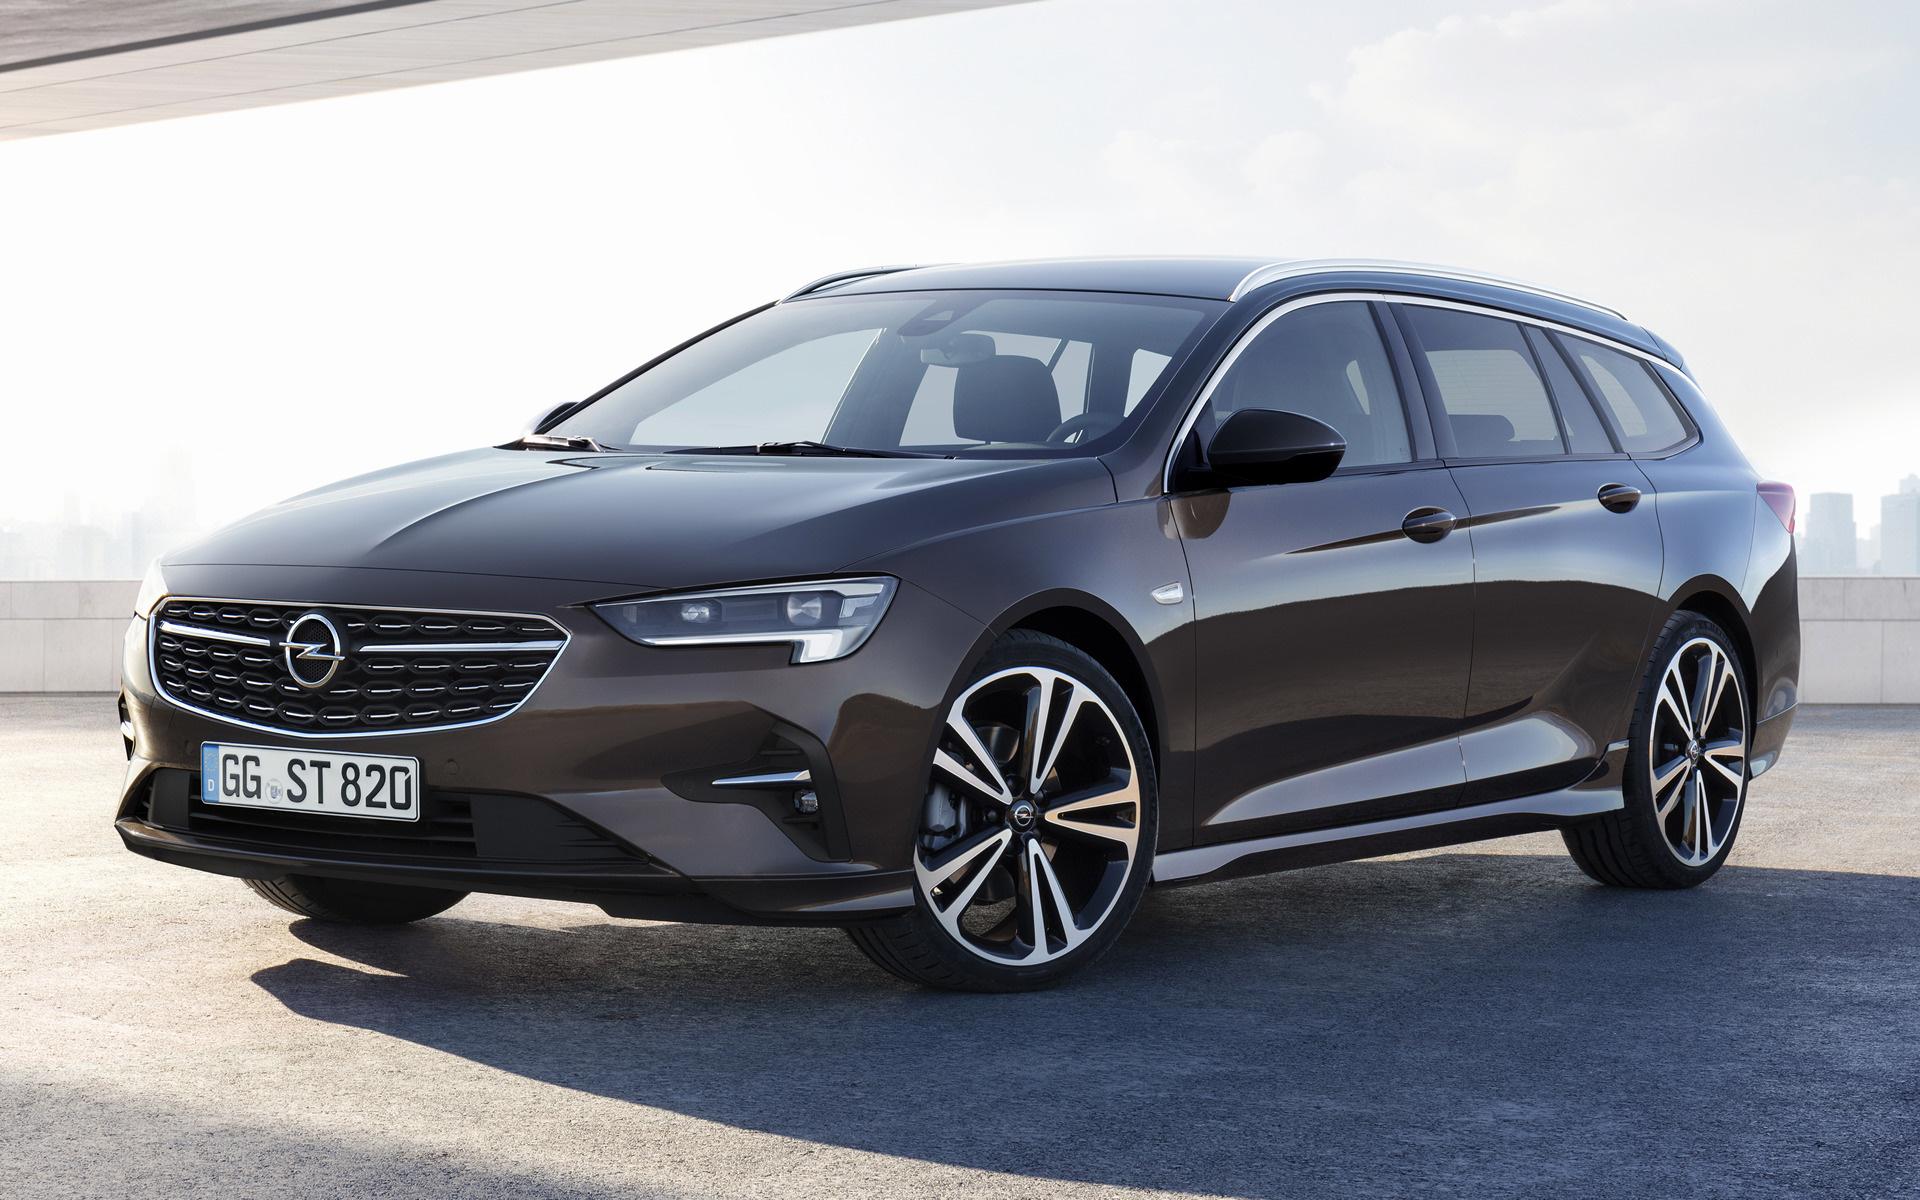 2020 Opel Insignia Sports Tourer - Hintergrundbilder und ...